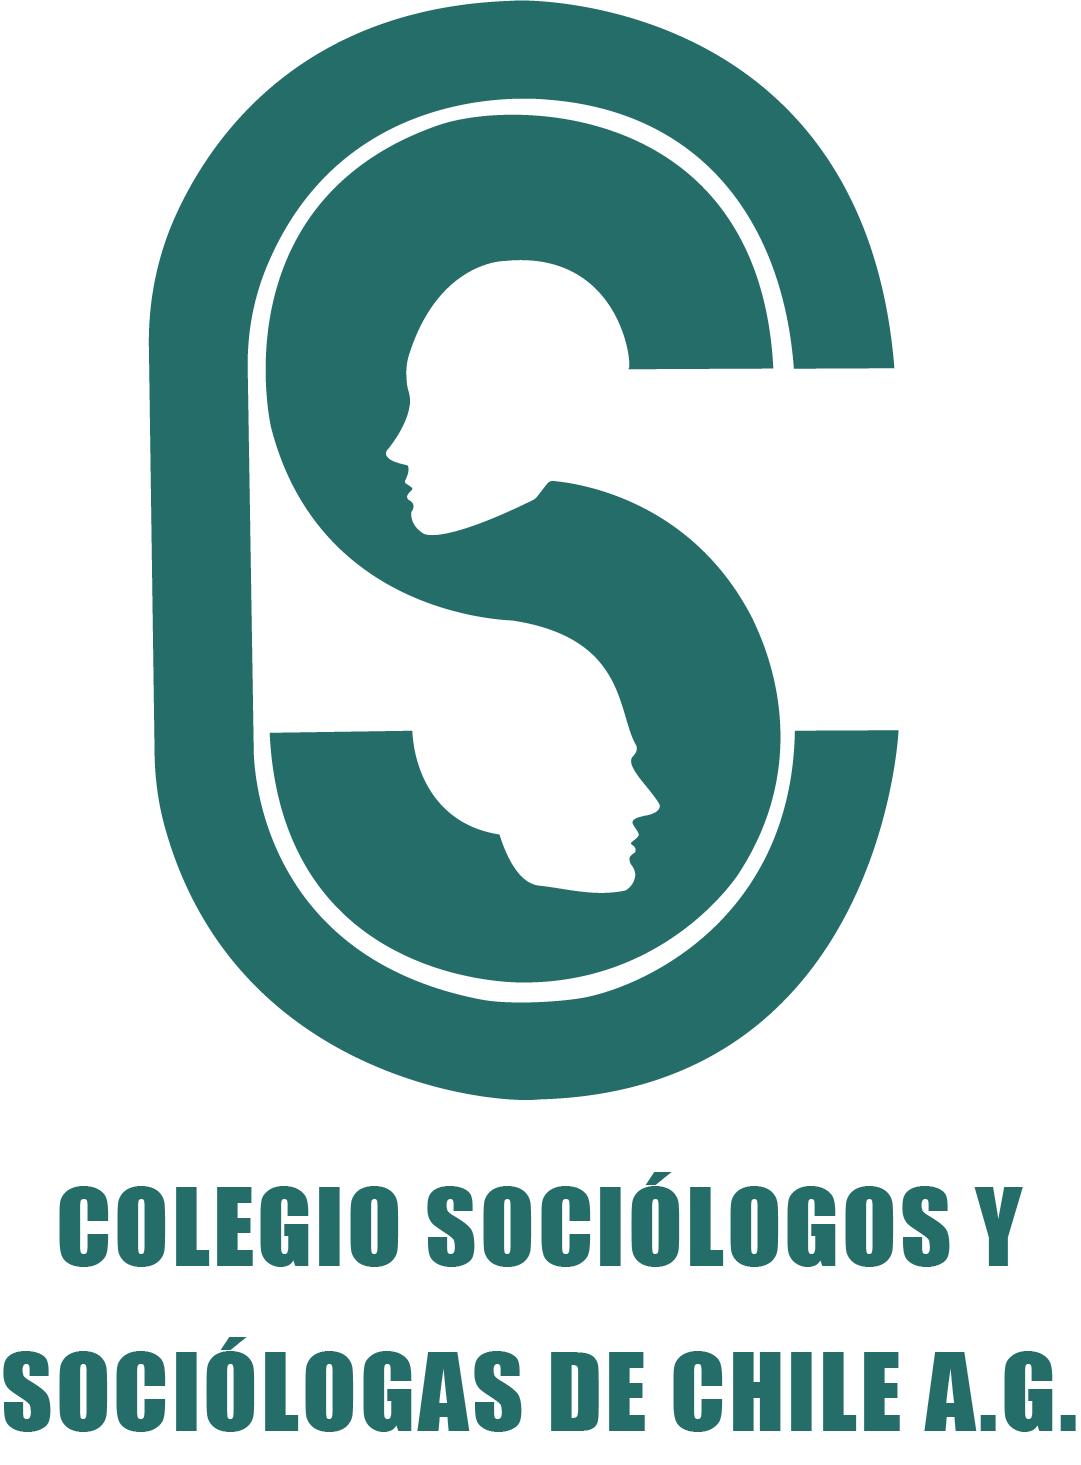 Logo Sociologas y sociologos Chile